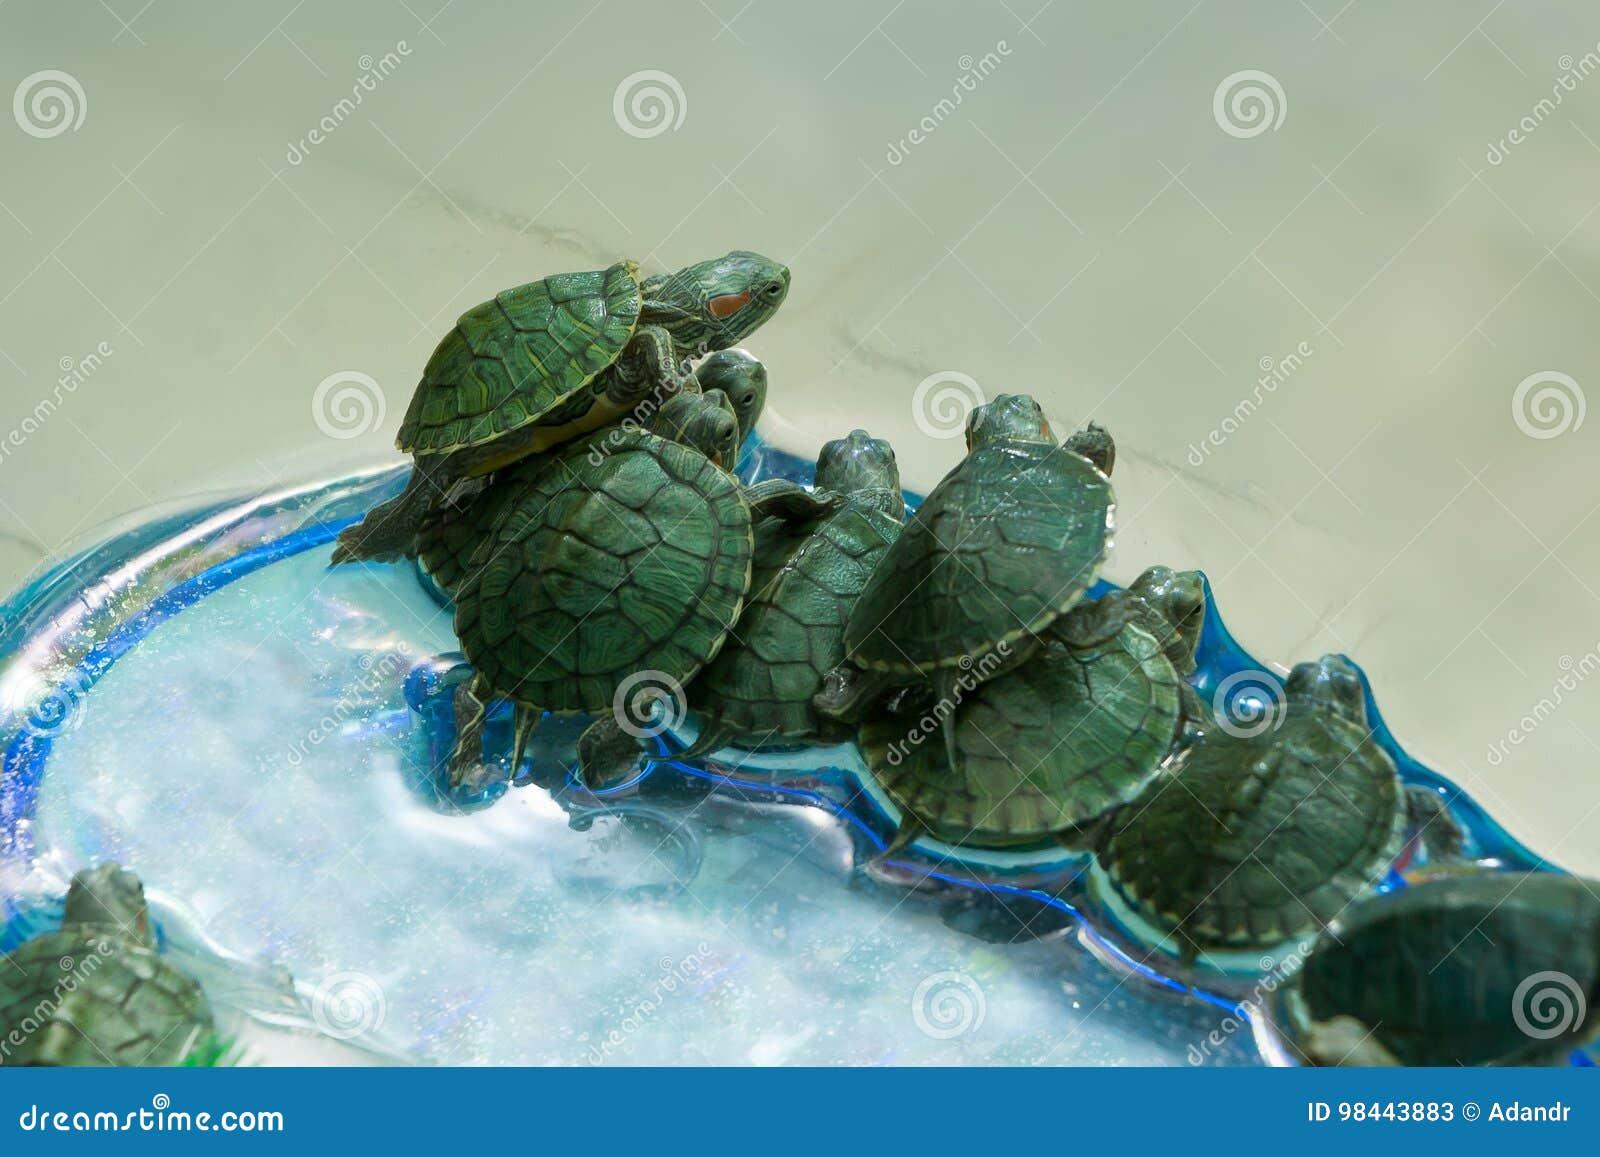 Små gröna sköldpaddor i en skyttel